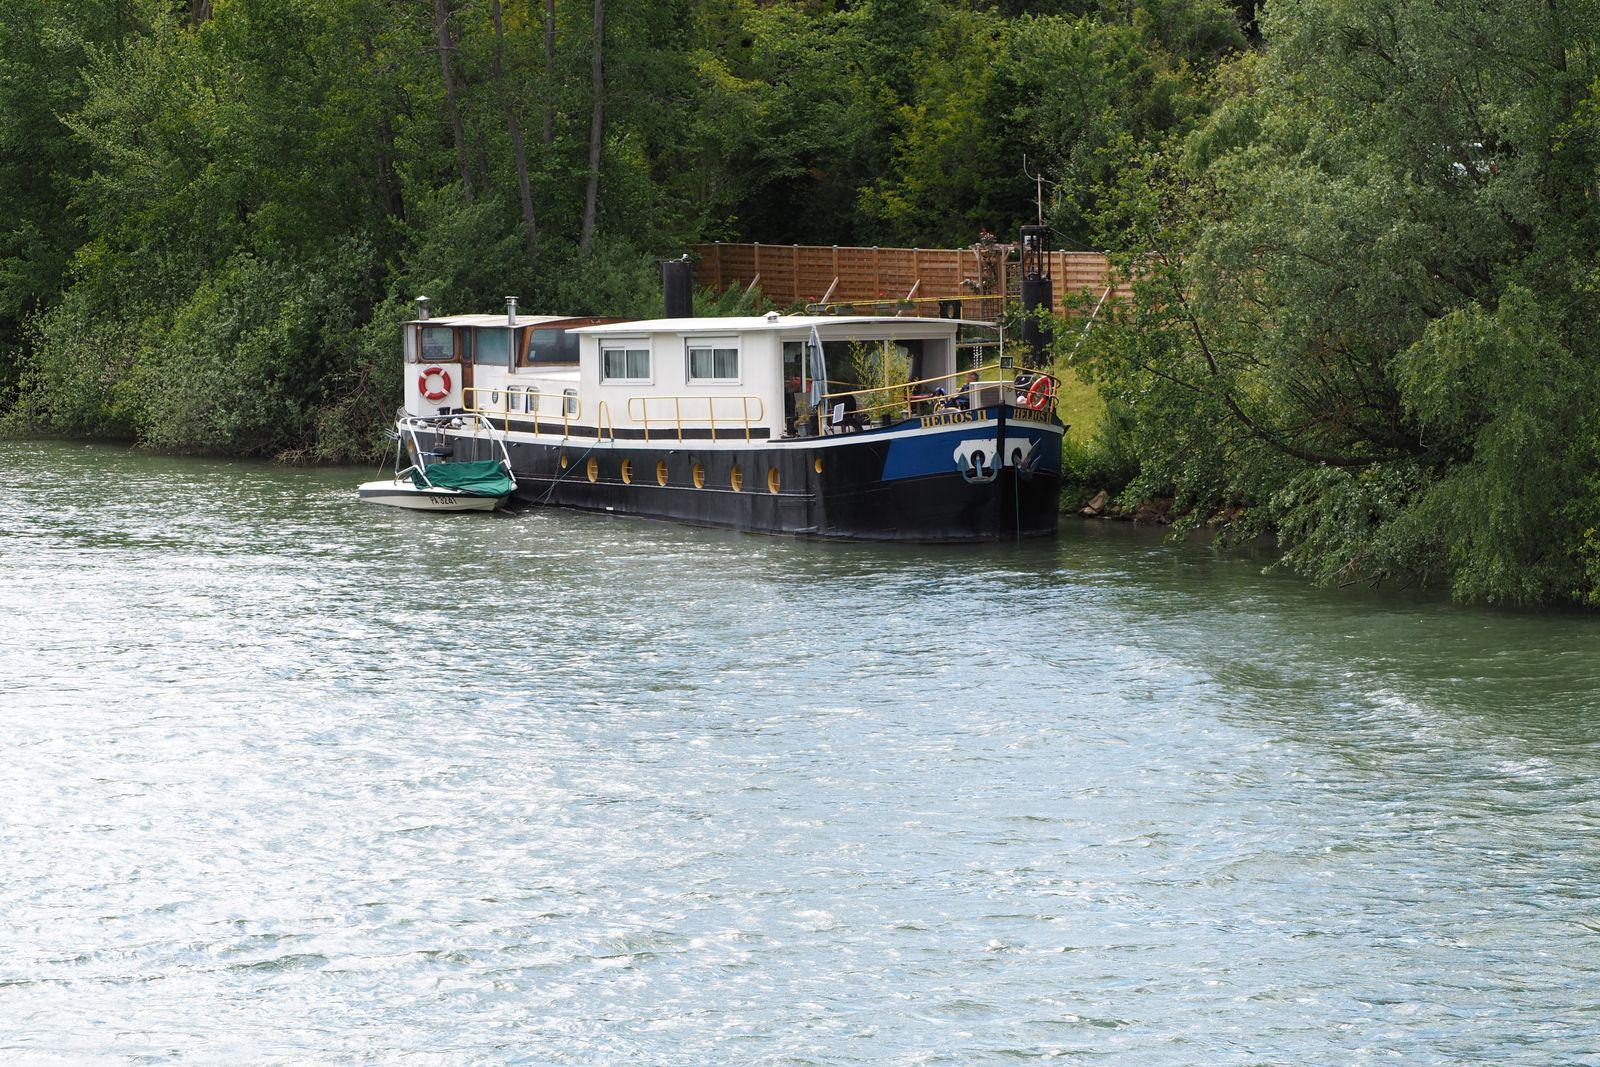 Chessy : Péniche au bord de la Marne